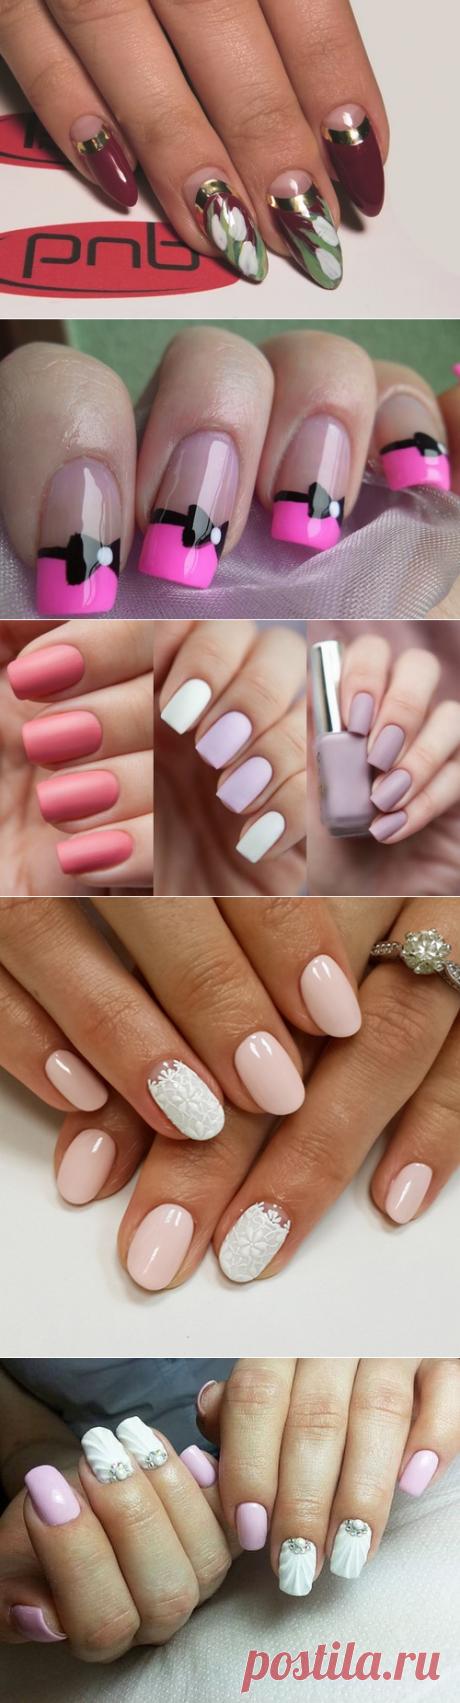 Модный весенний дизайн ногтей 2017-2018 - фото идеи весенний маникюр на короткие ногти | topxstyle.ru